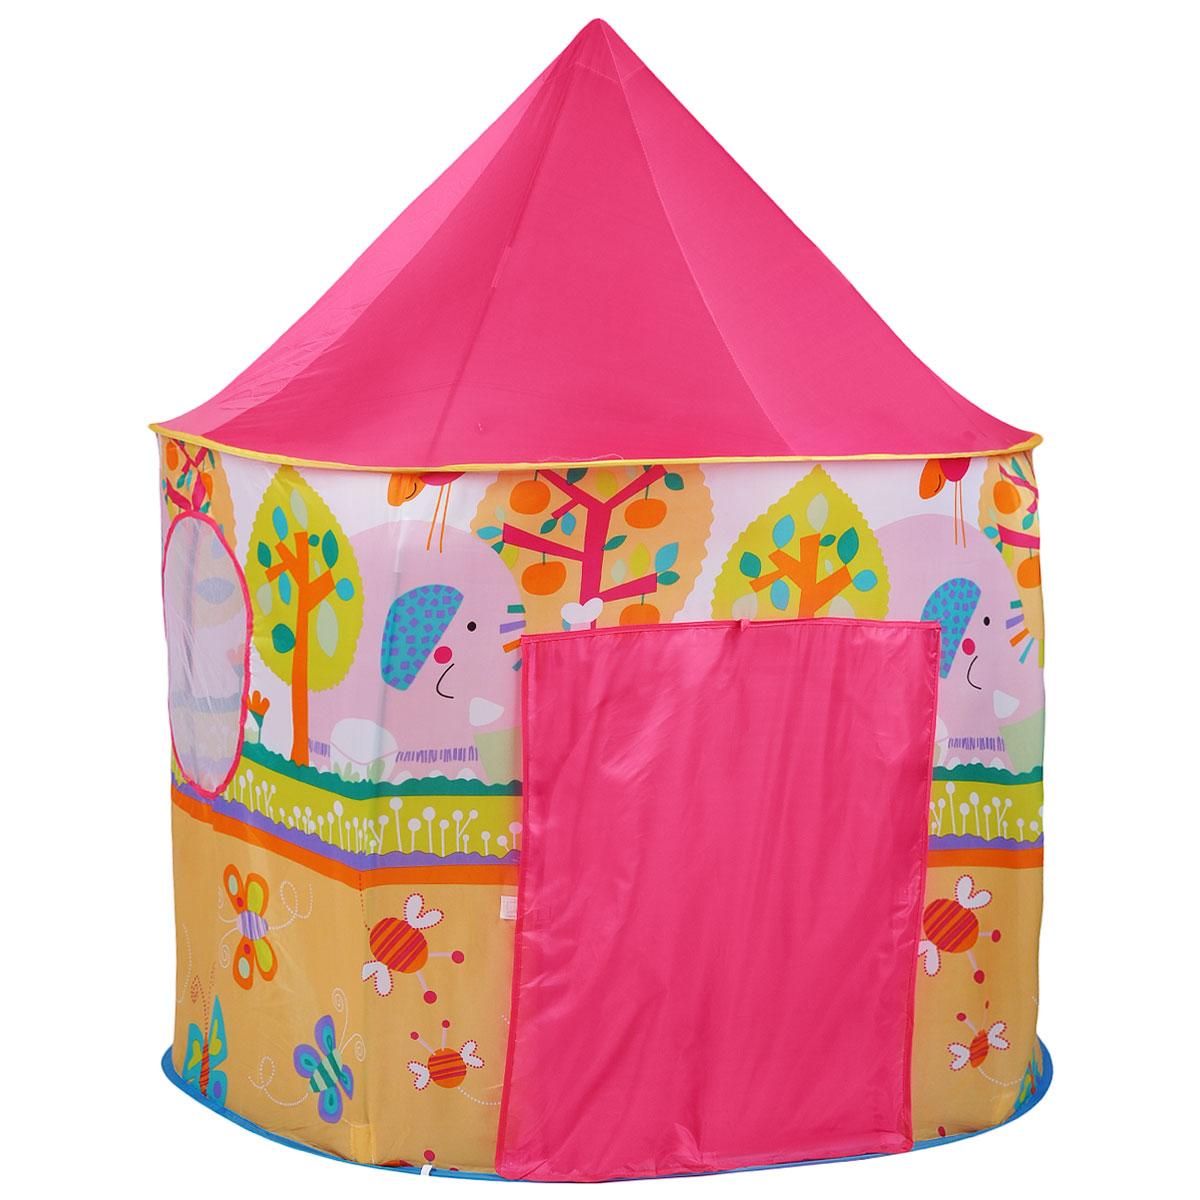 """Детская игровая палатка """"Pop Up House"""" идеально подойдет для детских игр, как на улице, так и в помещении. Она выполнена в виде шатра, снабжена одним входом и сетчатым окошком. Палатка изготовлена из легкого нейлона ярких цветов. Каркас палатки поддерживается при помощи металлических прутьев. Благодаря своей легкости и компактным размерам в сложенном виде палатку легко перевозить и хранить. Ваш ребенок с удовольствием будет играть в такой палатке, придумывая различные истории. Учеными давно подмечен факт, что ребенок чувствует себя психологически более защищенным, находясь под крышей, соответствующей его росту - именно поэтому дети очень любят лазить под стол, залезать в шкаф. В палатке """"Pop Up House"""" малыш будет чувствовать себя максимально уютно."""